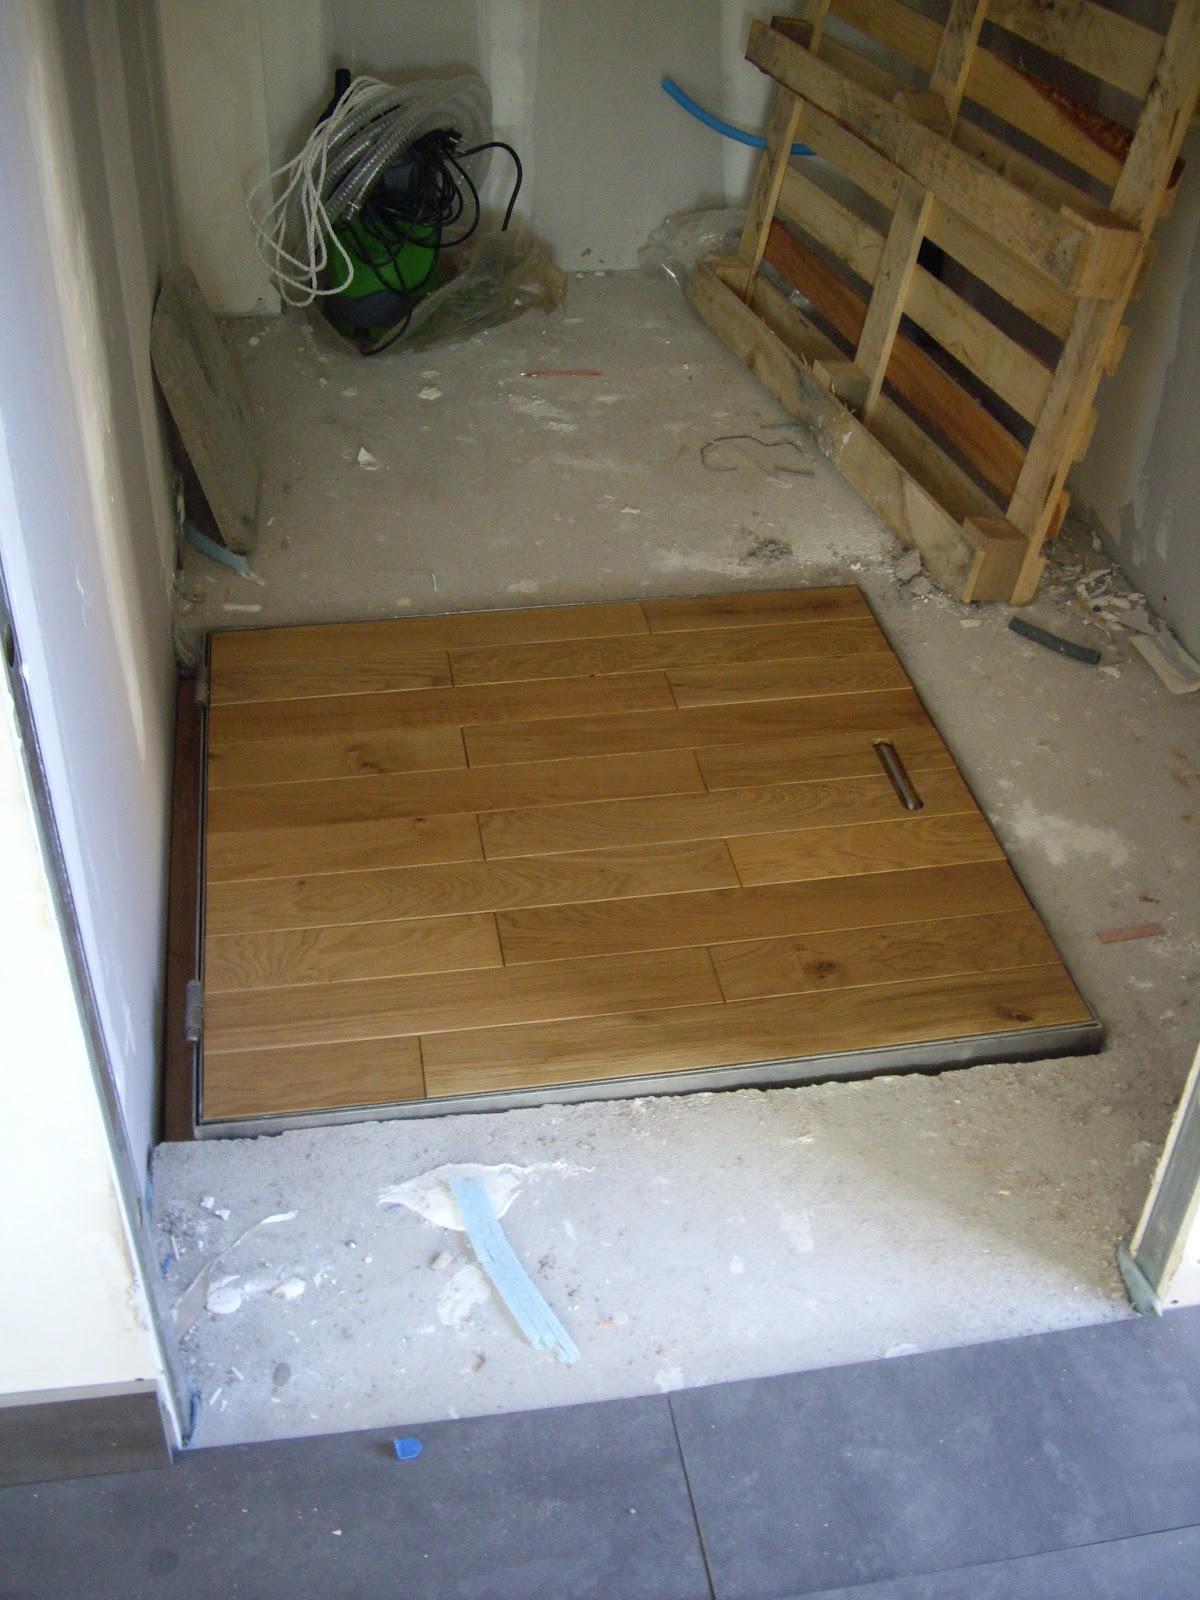 construction maison escalier trappe carrelage peinture. Black Bedroom Furniture Sets. Home Design Ideas